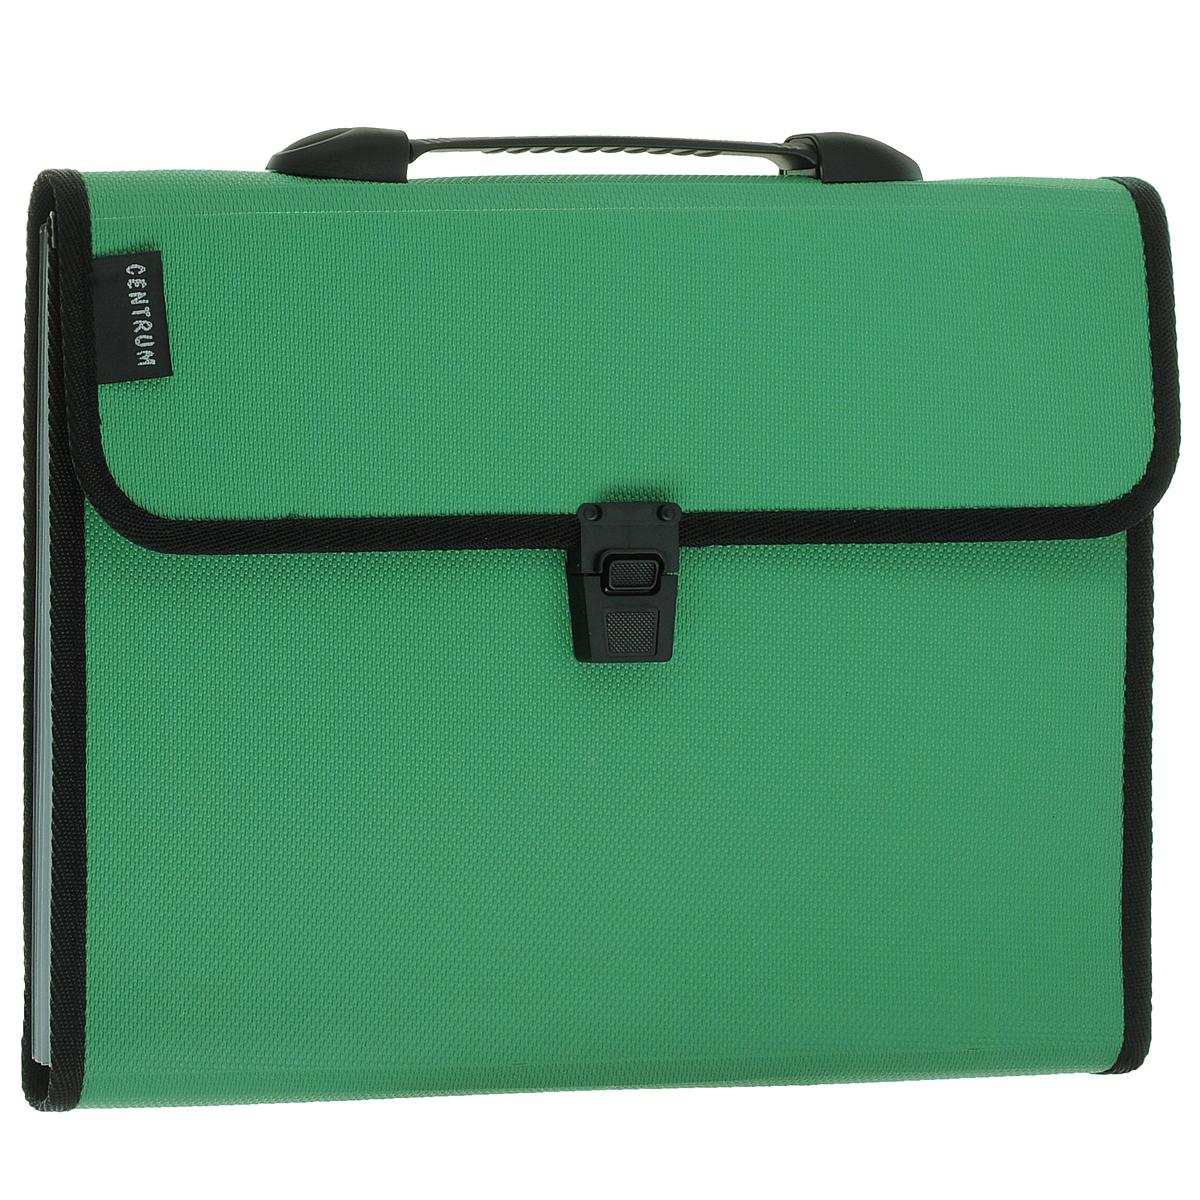 """Папка-портфель """"Centrum"""", 6 отделений, с ручкой, цвет: зеленый. Формат А4"""